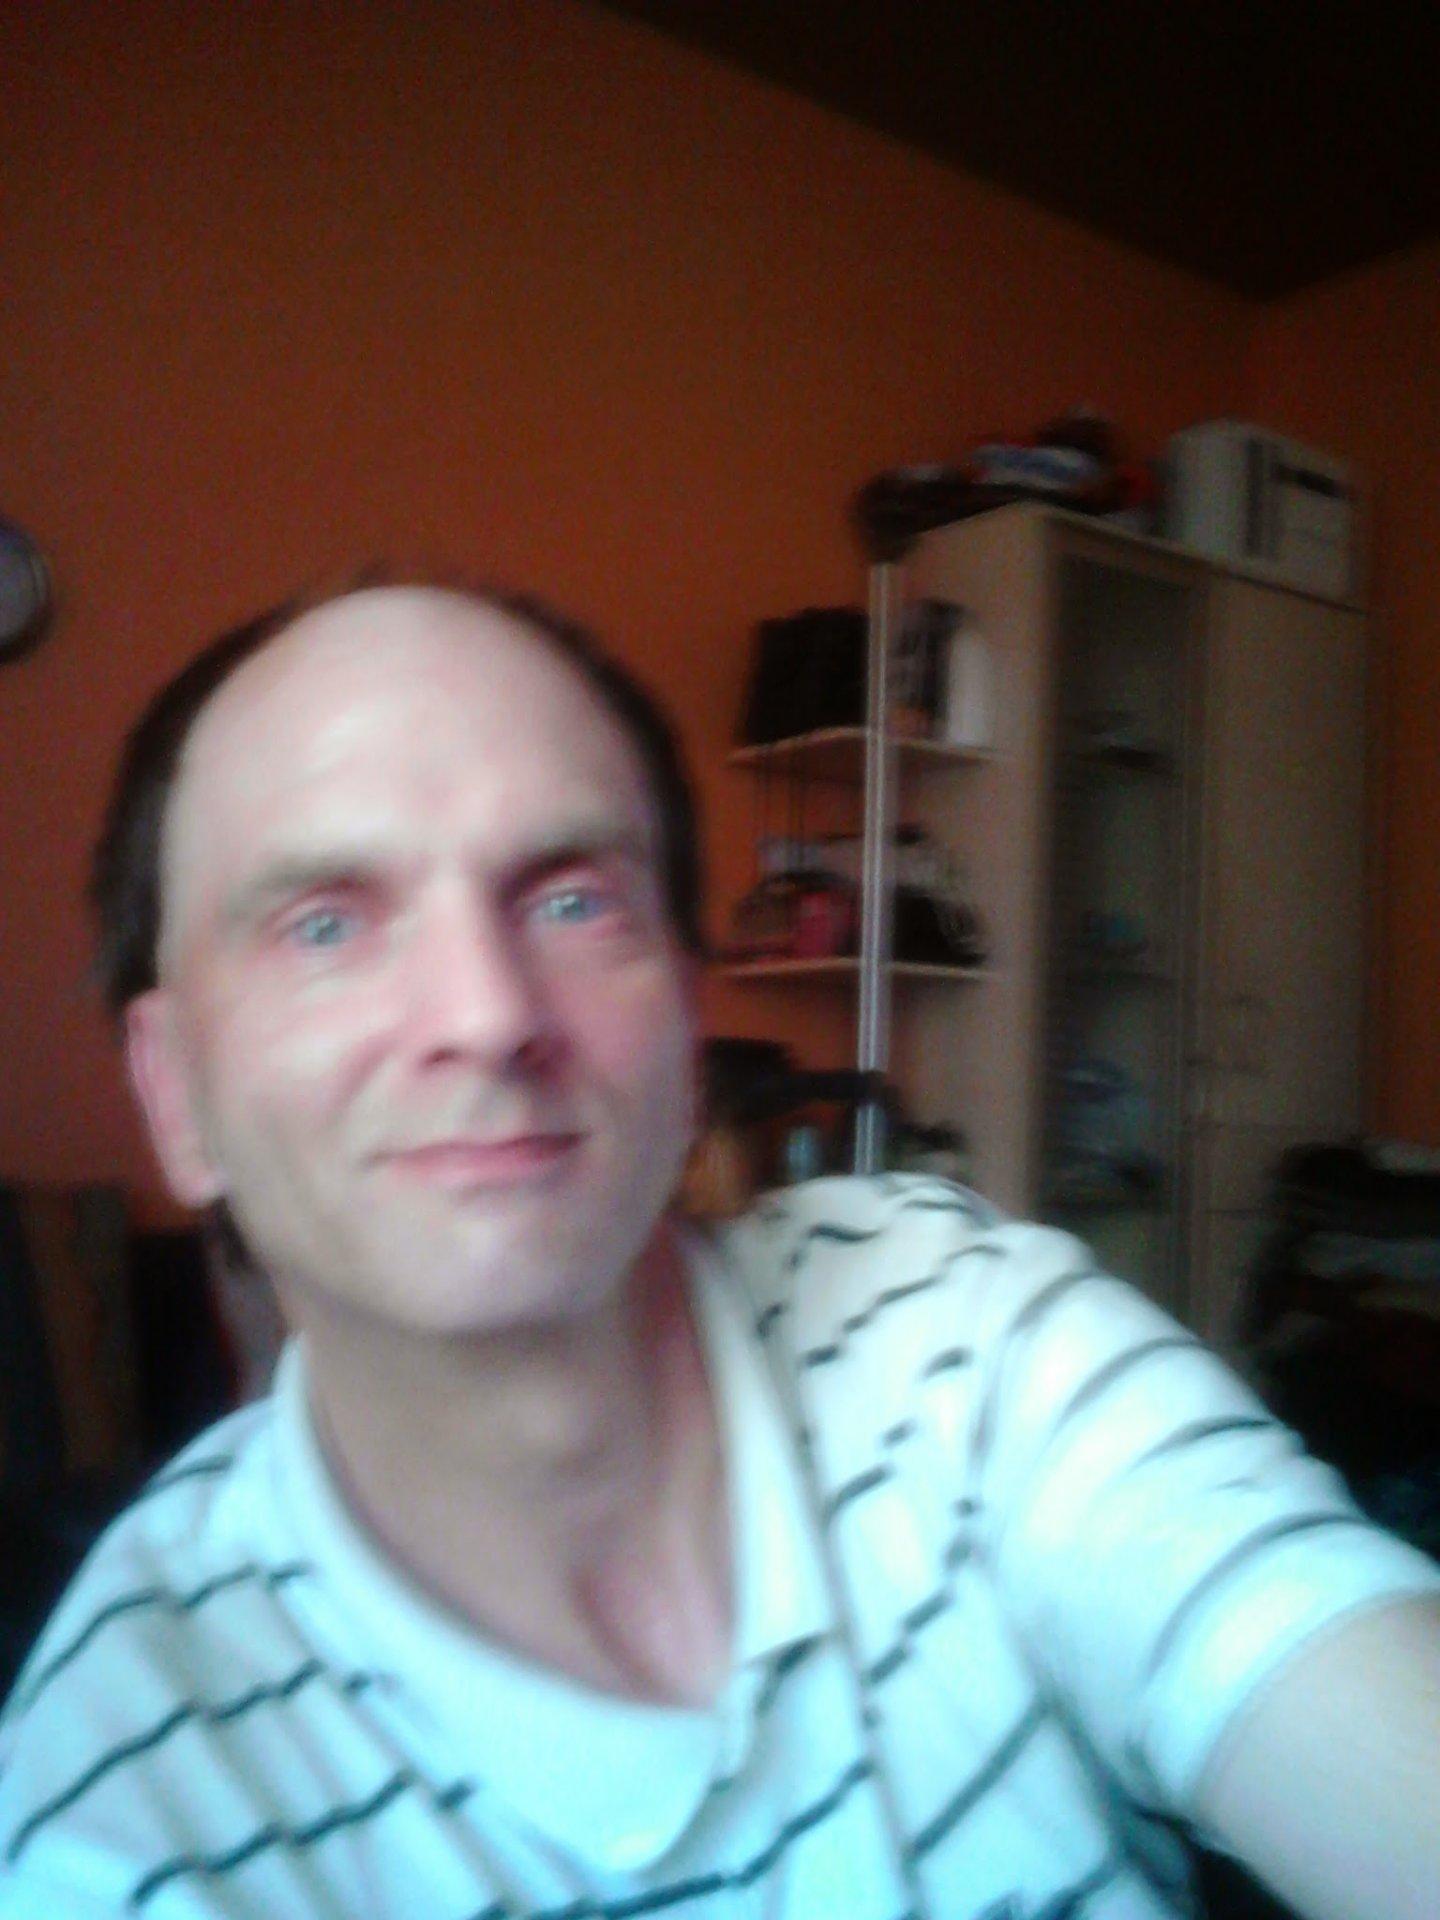 Michael aus Nordrhein-Westfalen,Deutschland